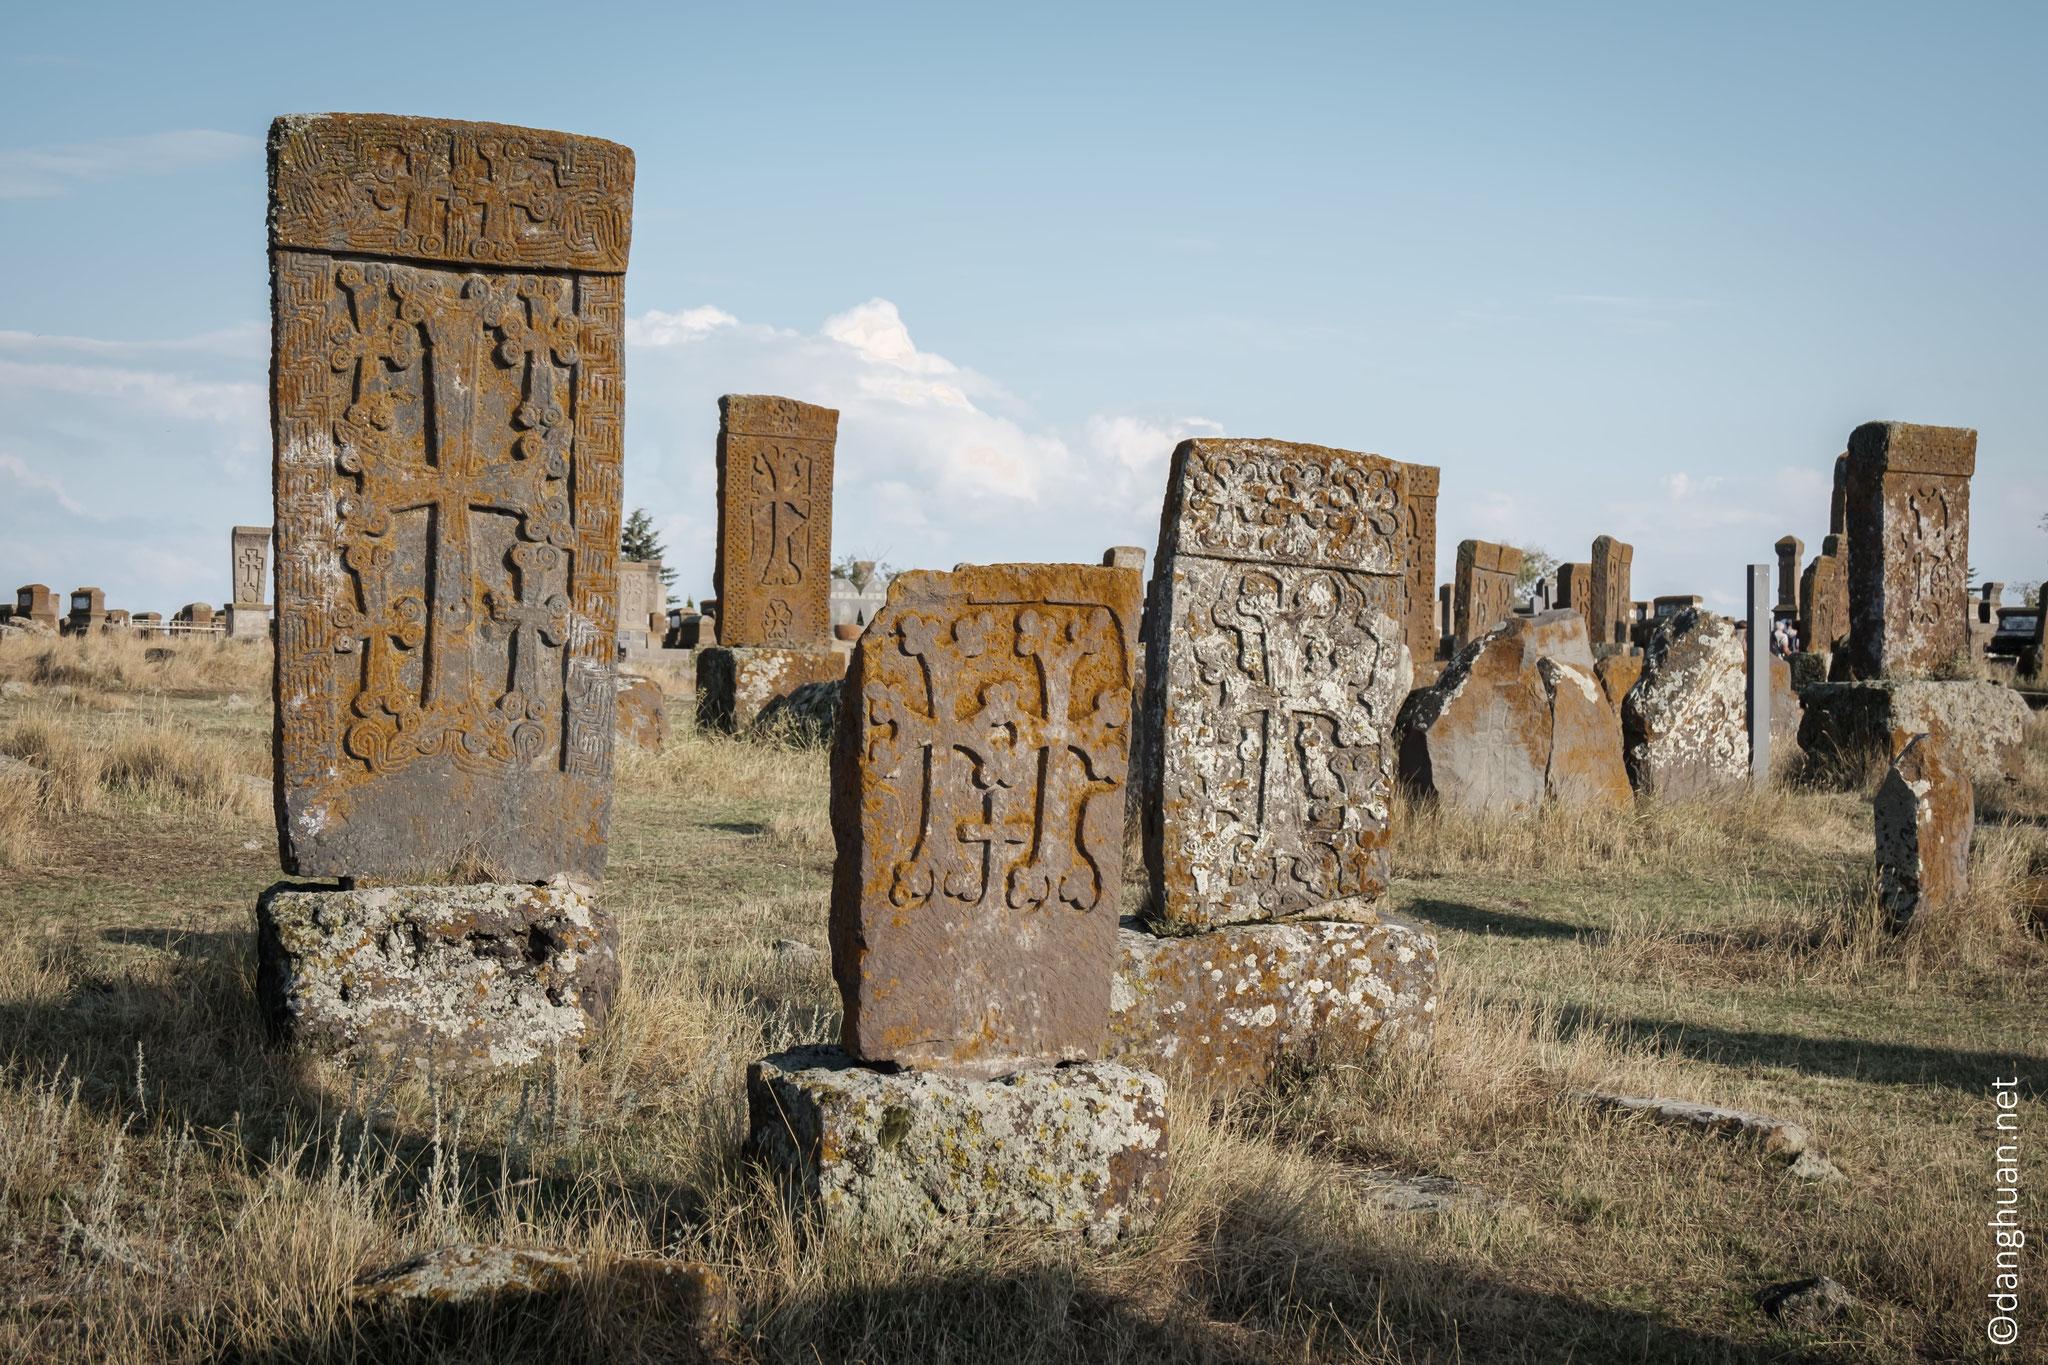 ... accompagnées souvent d'un décor ornemental, parfois de figures humaines et d'inscriptions